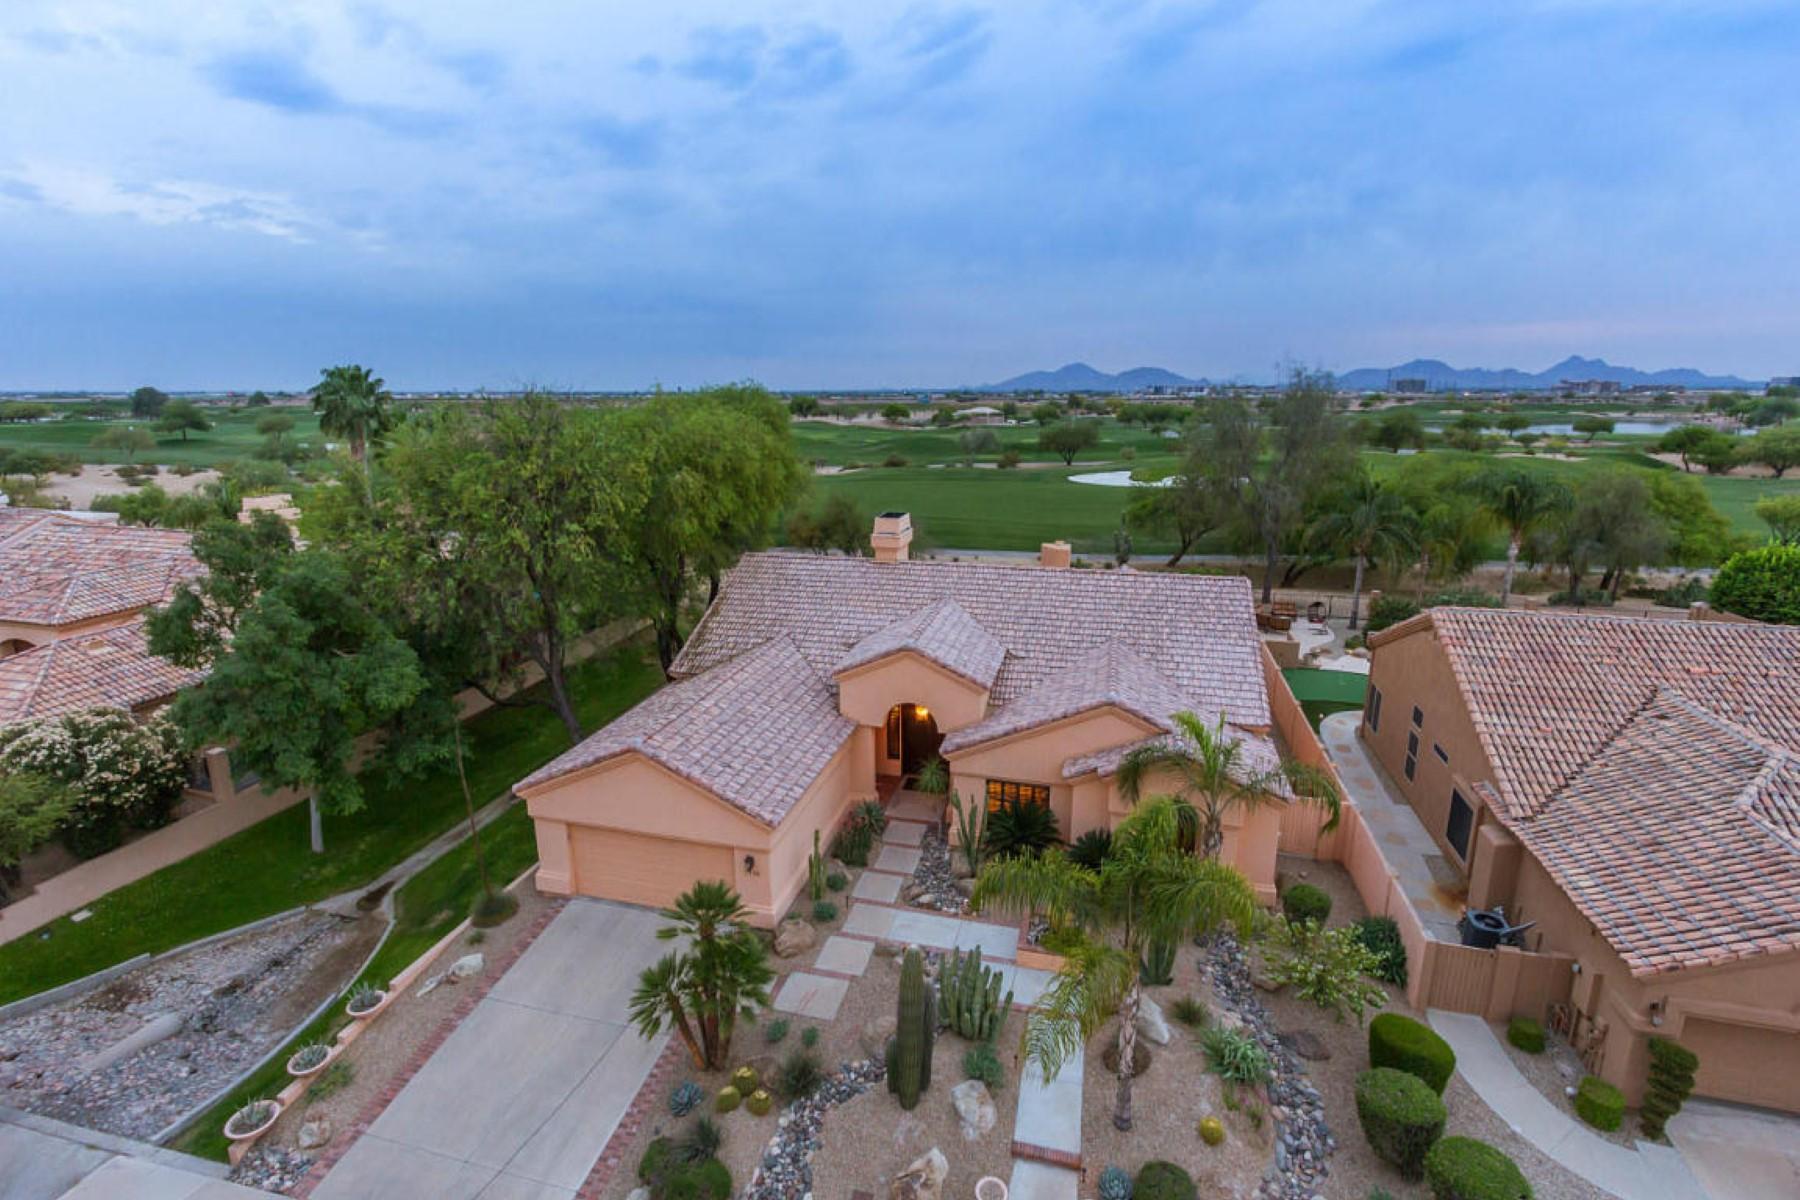 Частный односемейный дом для того Продажа на Fabulous home on the 3rd fairway 7735 E Hartford Dr Scottsdale, Аризона, 85255 Соединенные Штаты